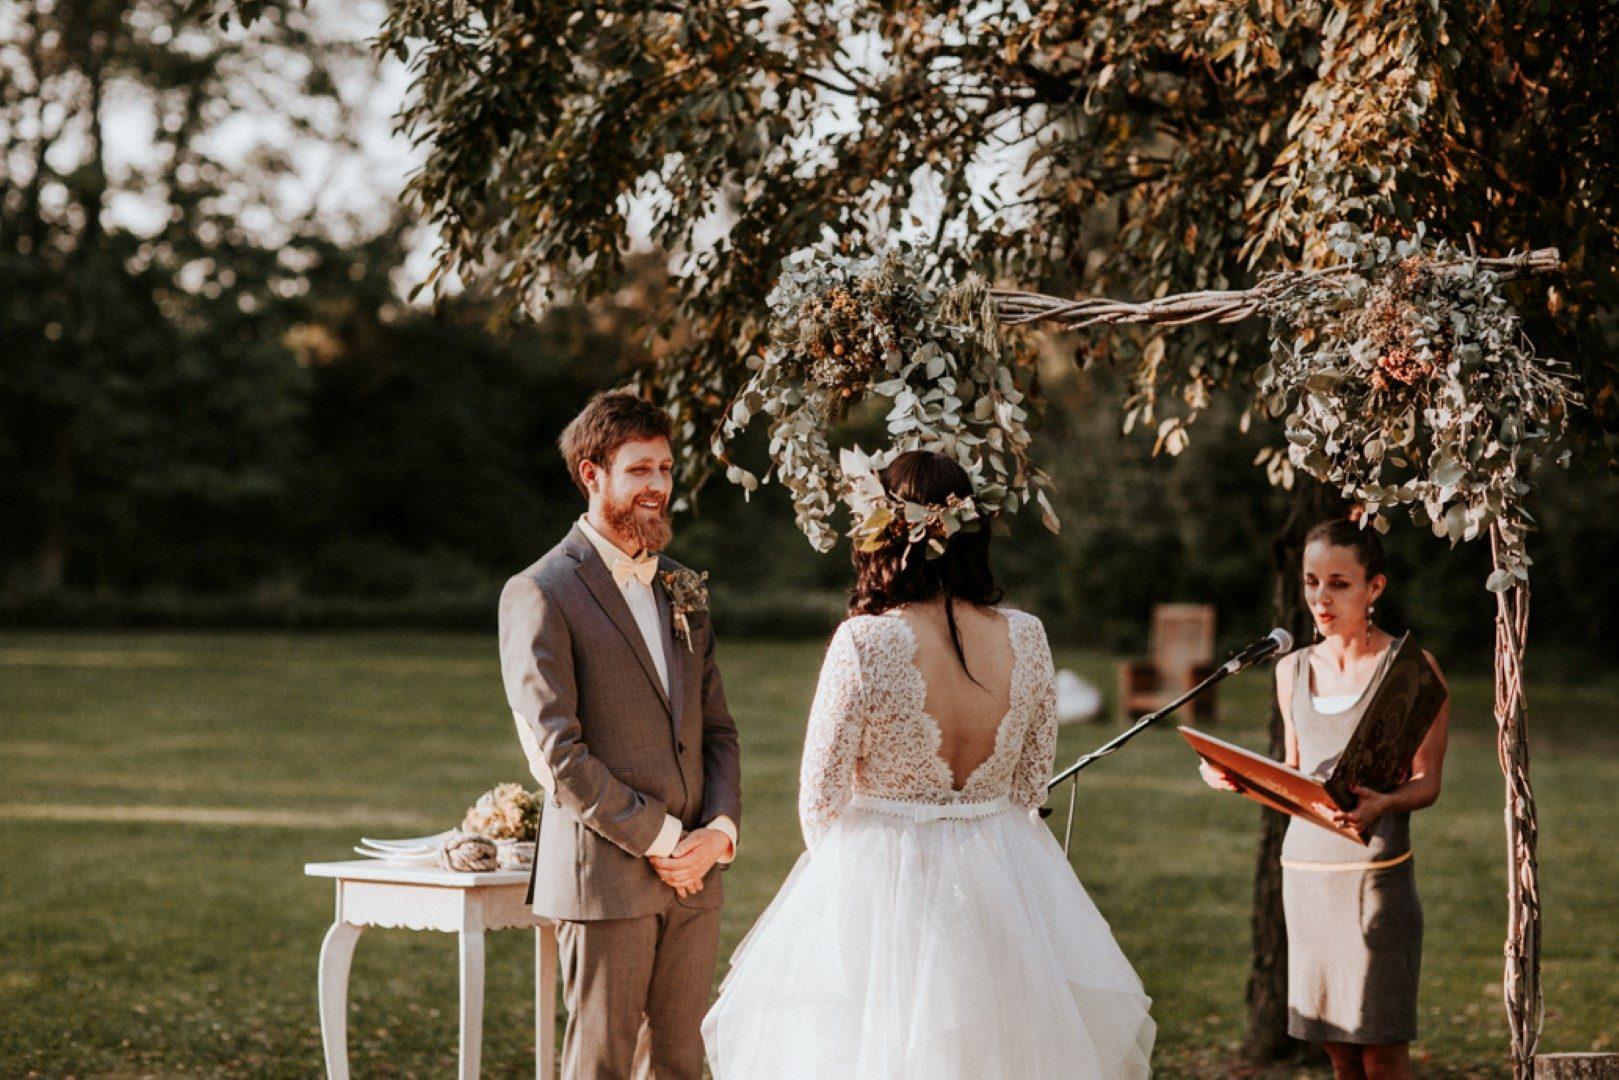 f7ac4216f3 15 kérdés az esküvőszervezésről - Madarász Zsuzsi szervező válaszol